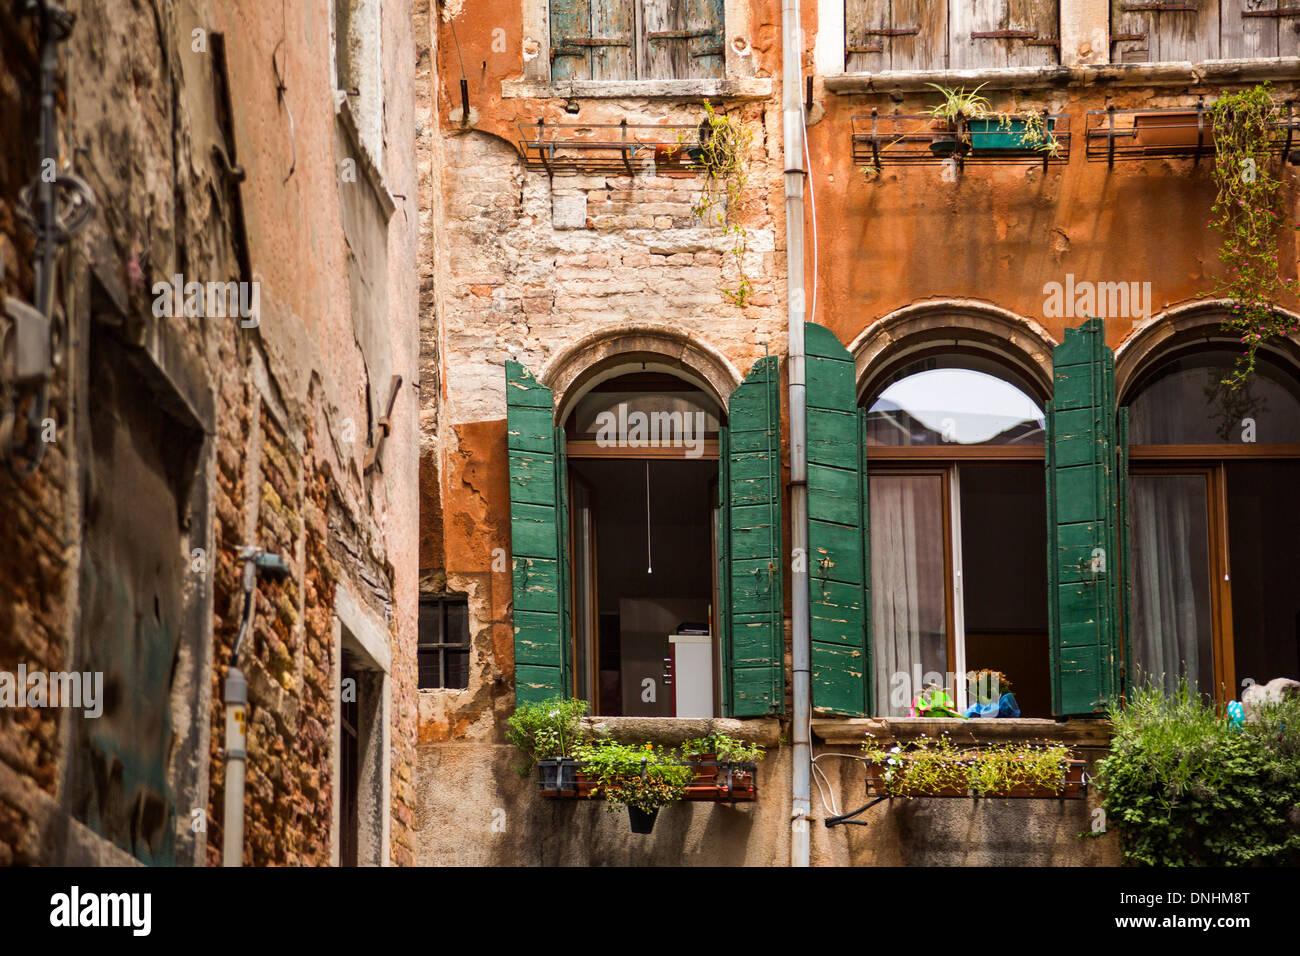 Portrait d'un vieux bâtiment, Venise, Vénétie, Italie Banque D'Images